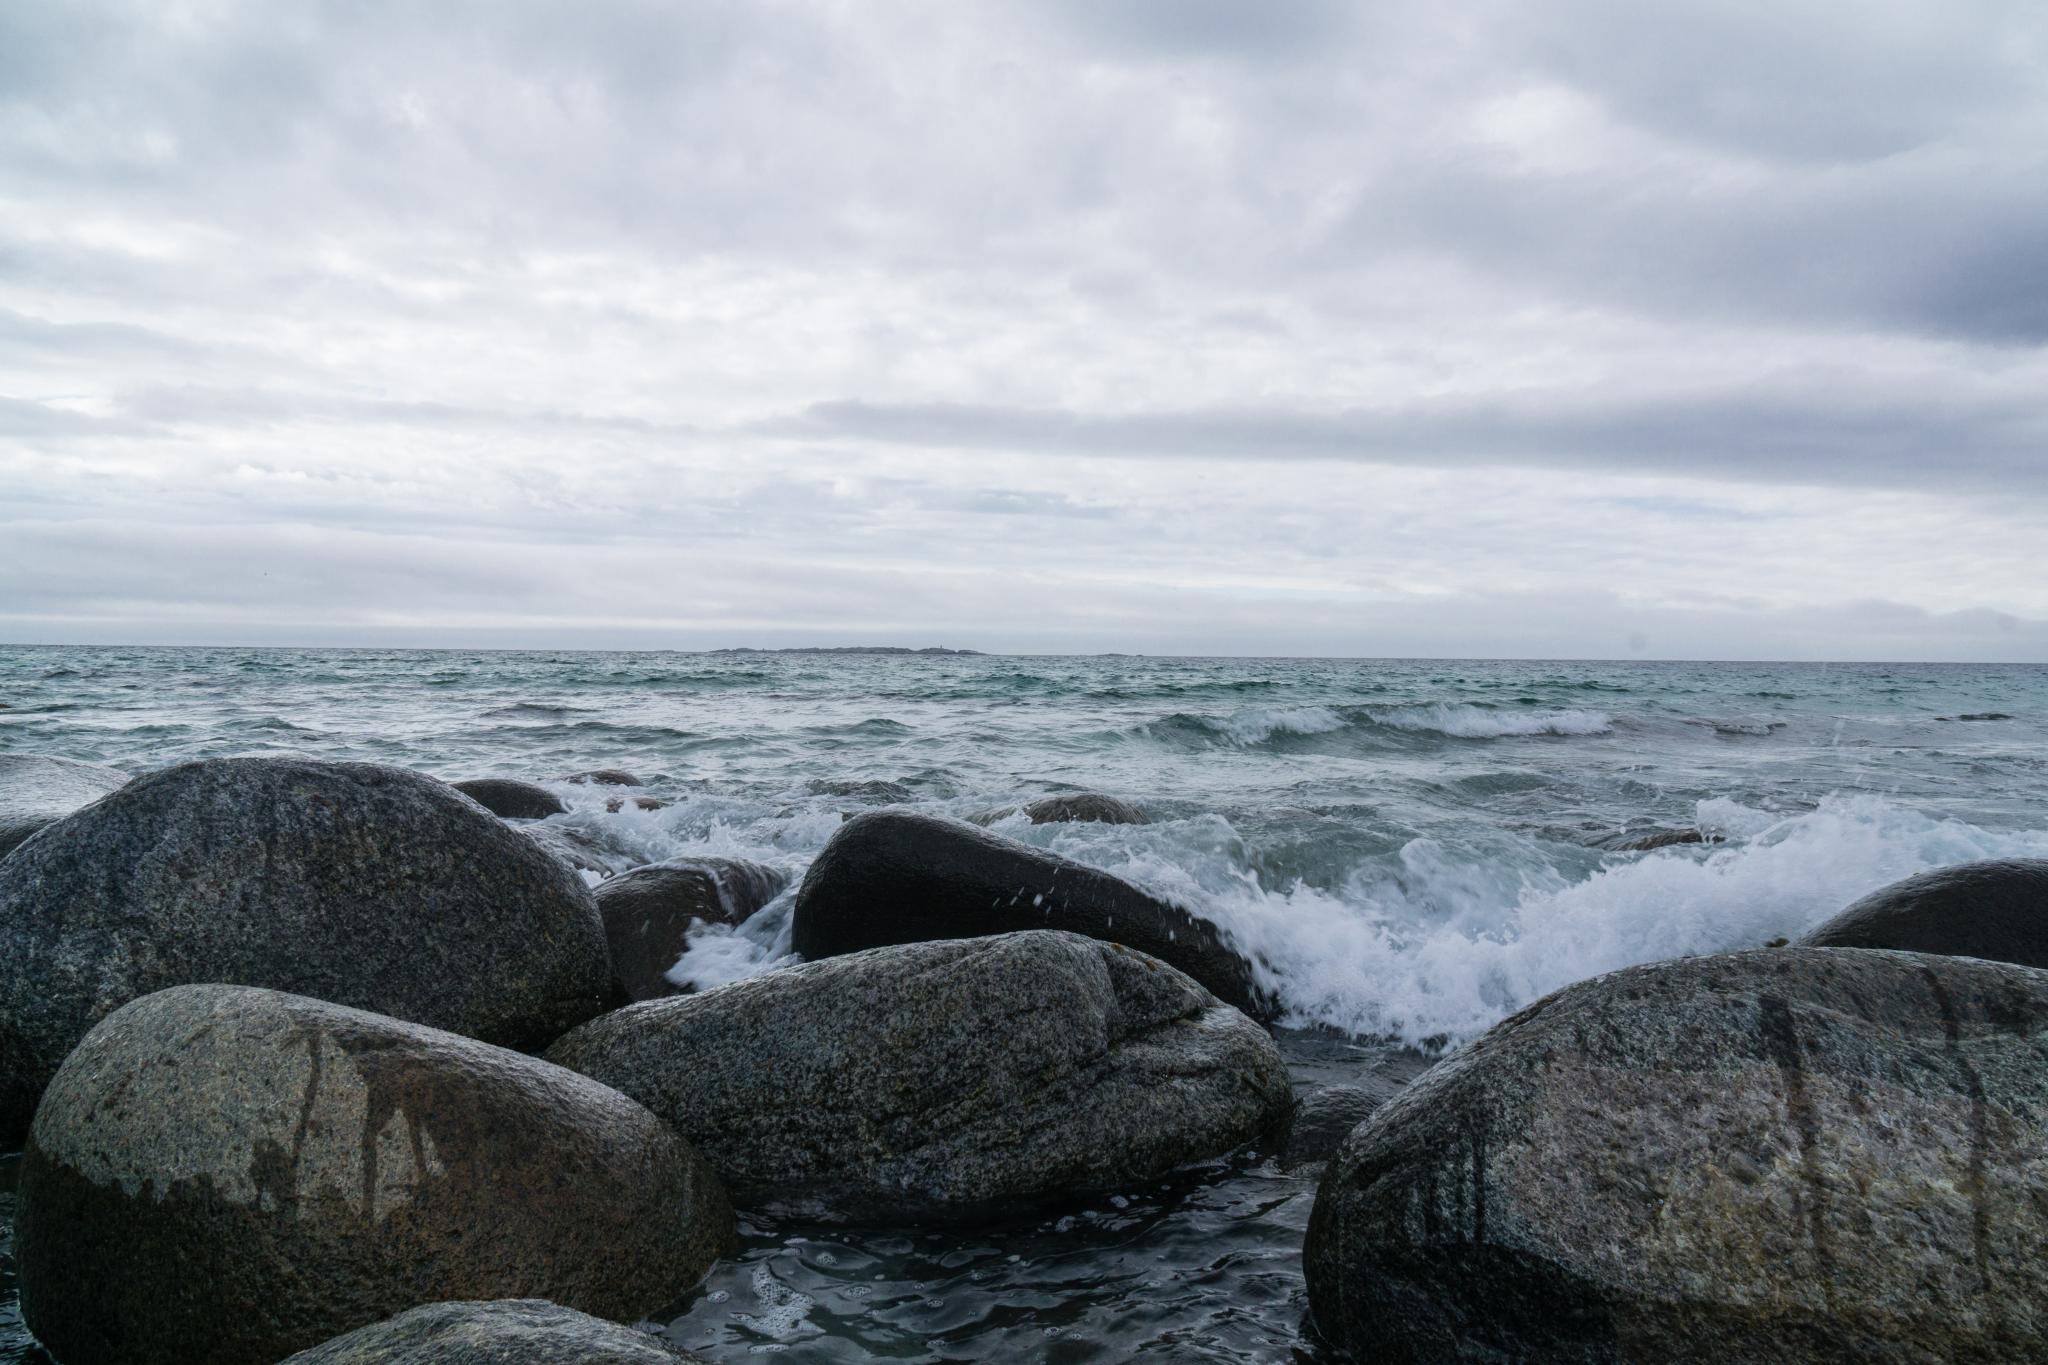 【羅弗敦群島】與羊共舞的人間仙境 - Uttakleiv Beach 與 Haukland Beach 72